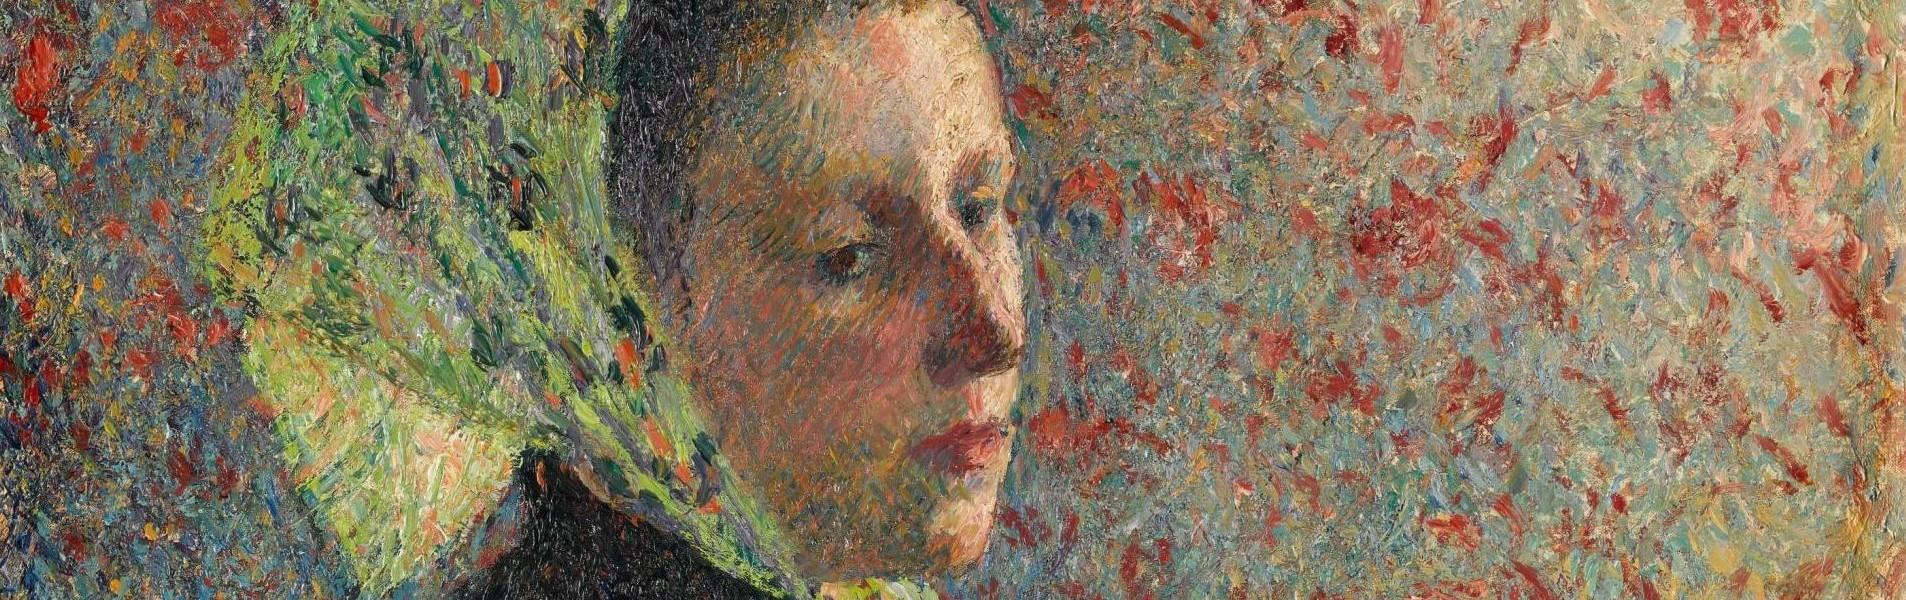 Camille Pisarro, Frau mit grünem Schal [Femme au fichu verte], Detail, 1893, Öl auf Leinwand, 65,5 x 54,5 cm (Paris, musée d'Orsay, Photo © RMN-Grand Palais (musée d'Orsay) - © Franck Raux)